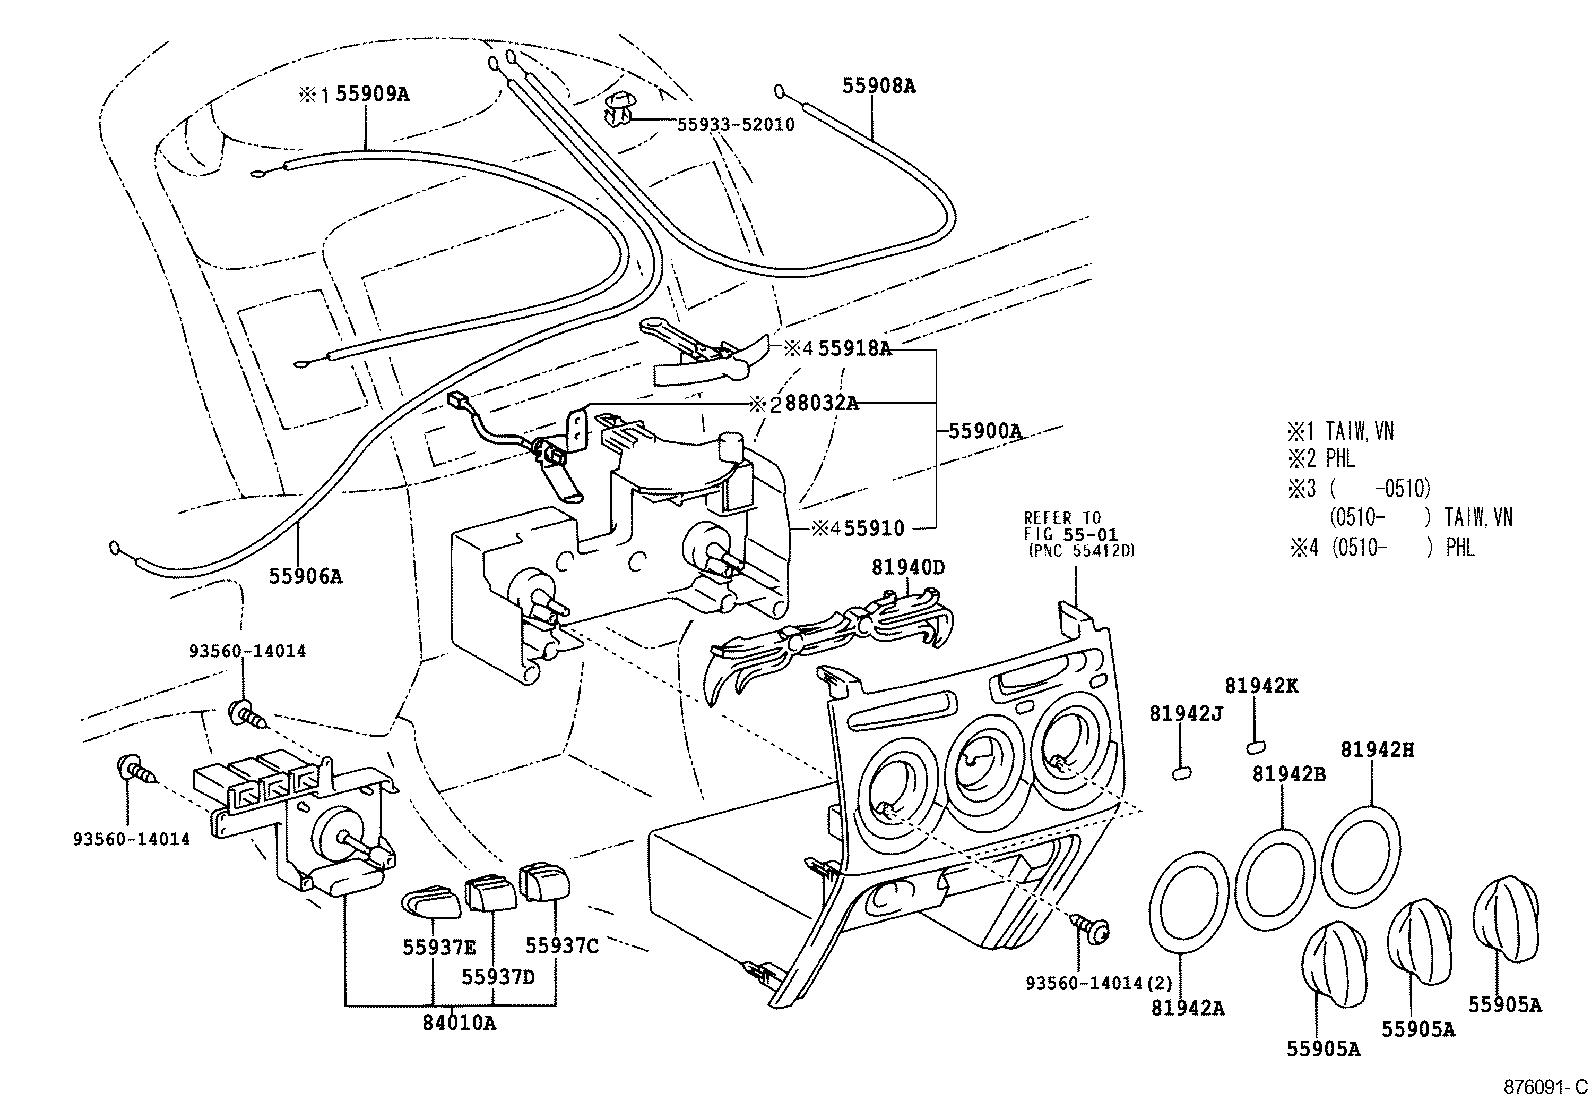 Toyota Vios Engine Wiring Diagram 7 Toyota Vios Diagram Toyota